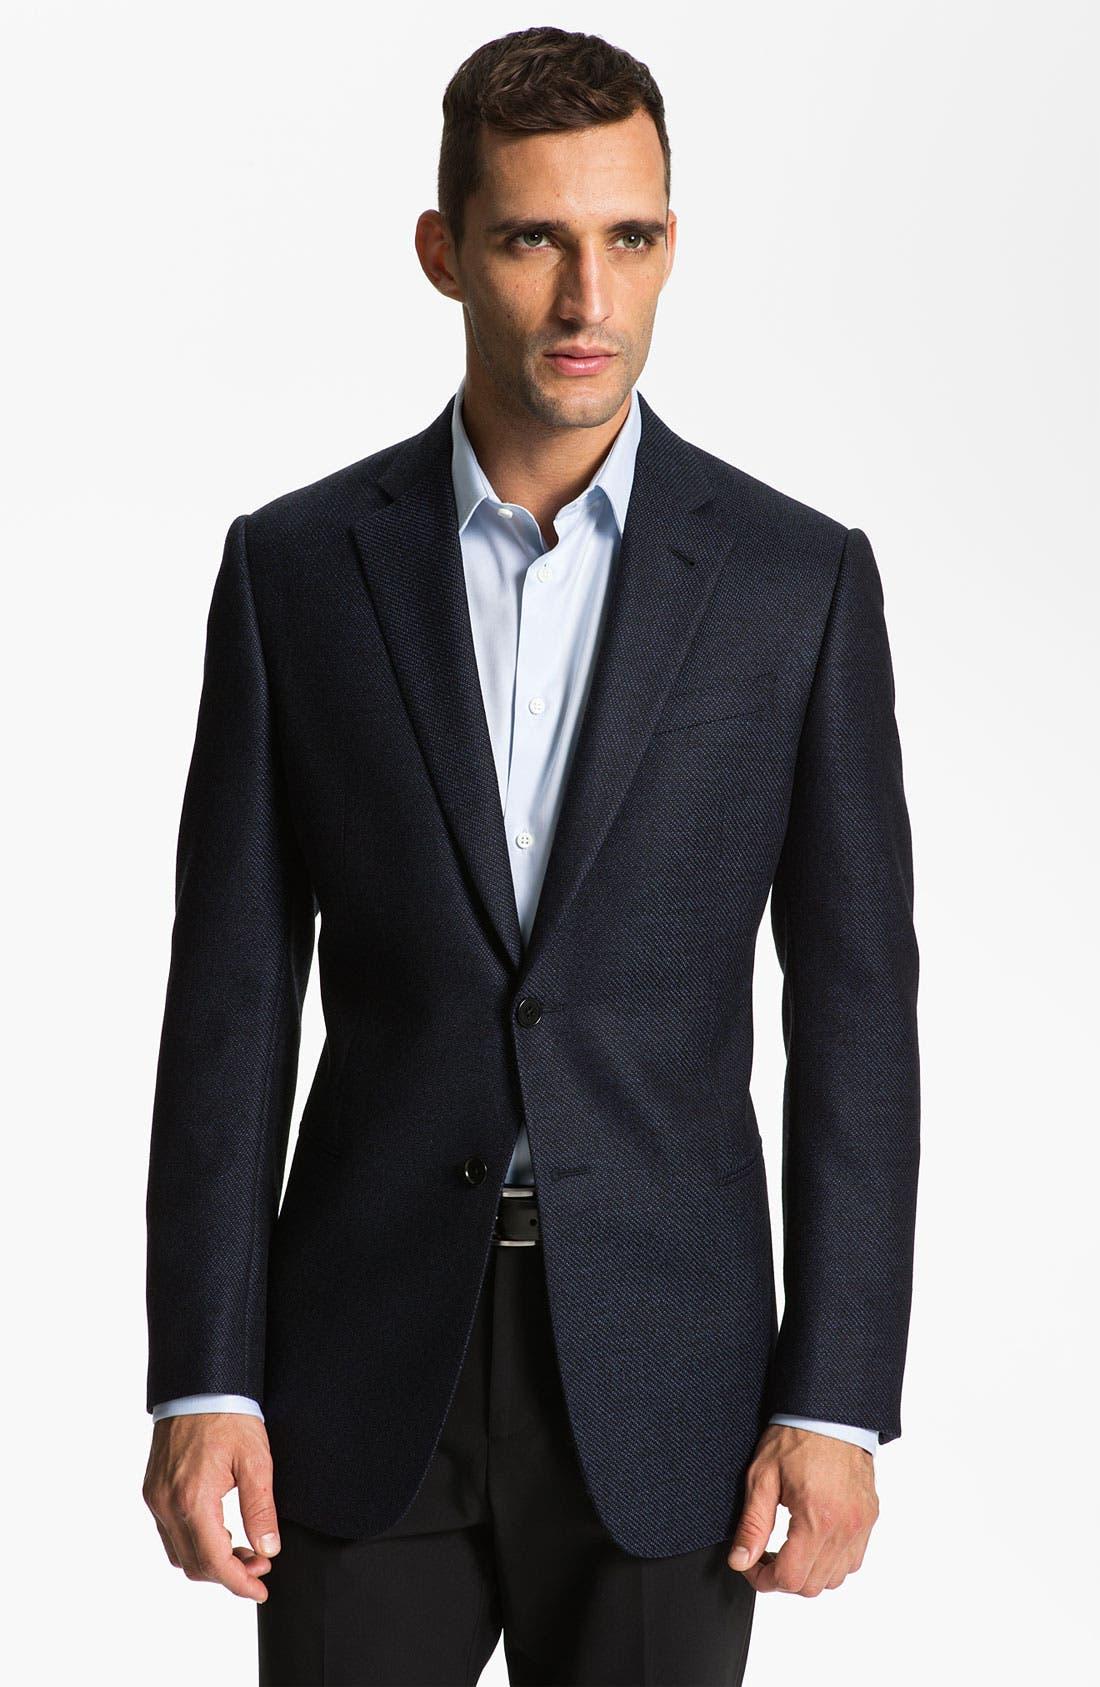 Alternate Image 1 Selected - Armani Collezioni 'Giorgio' Trim Fit Sportcoat